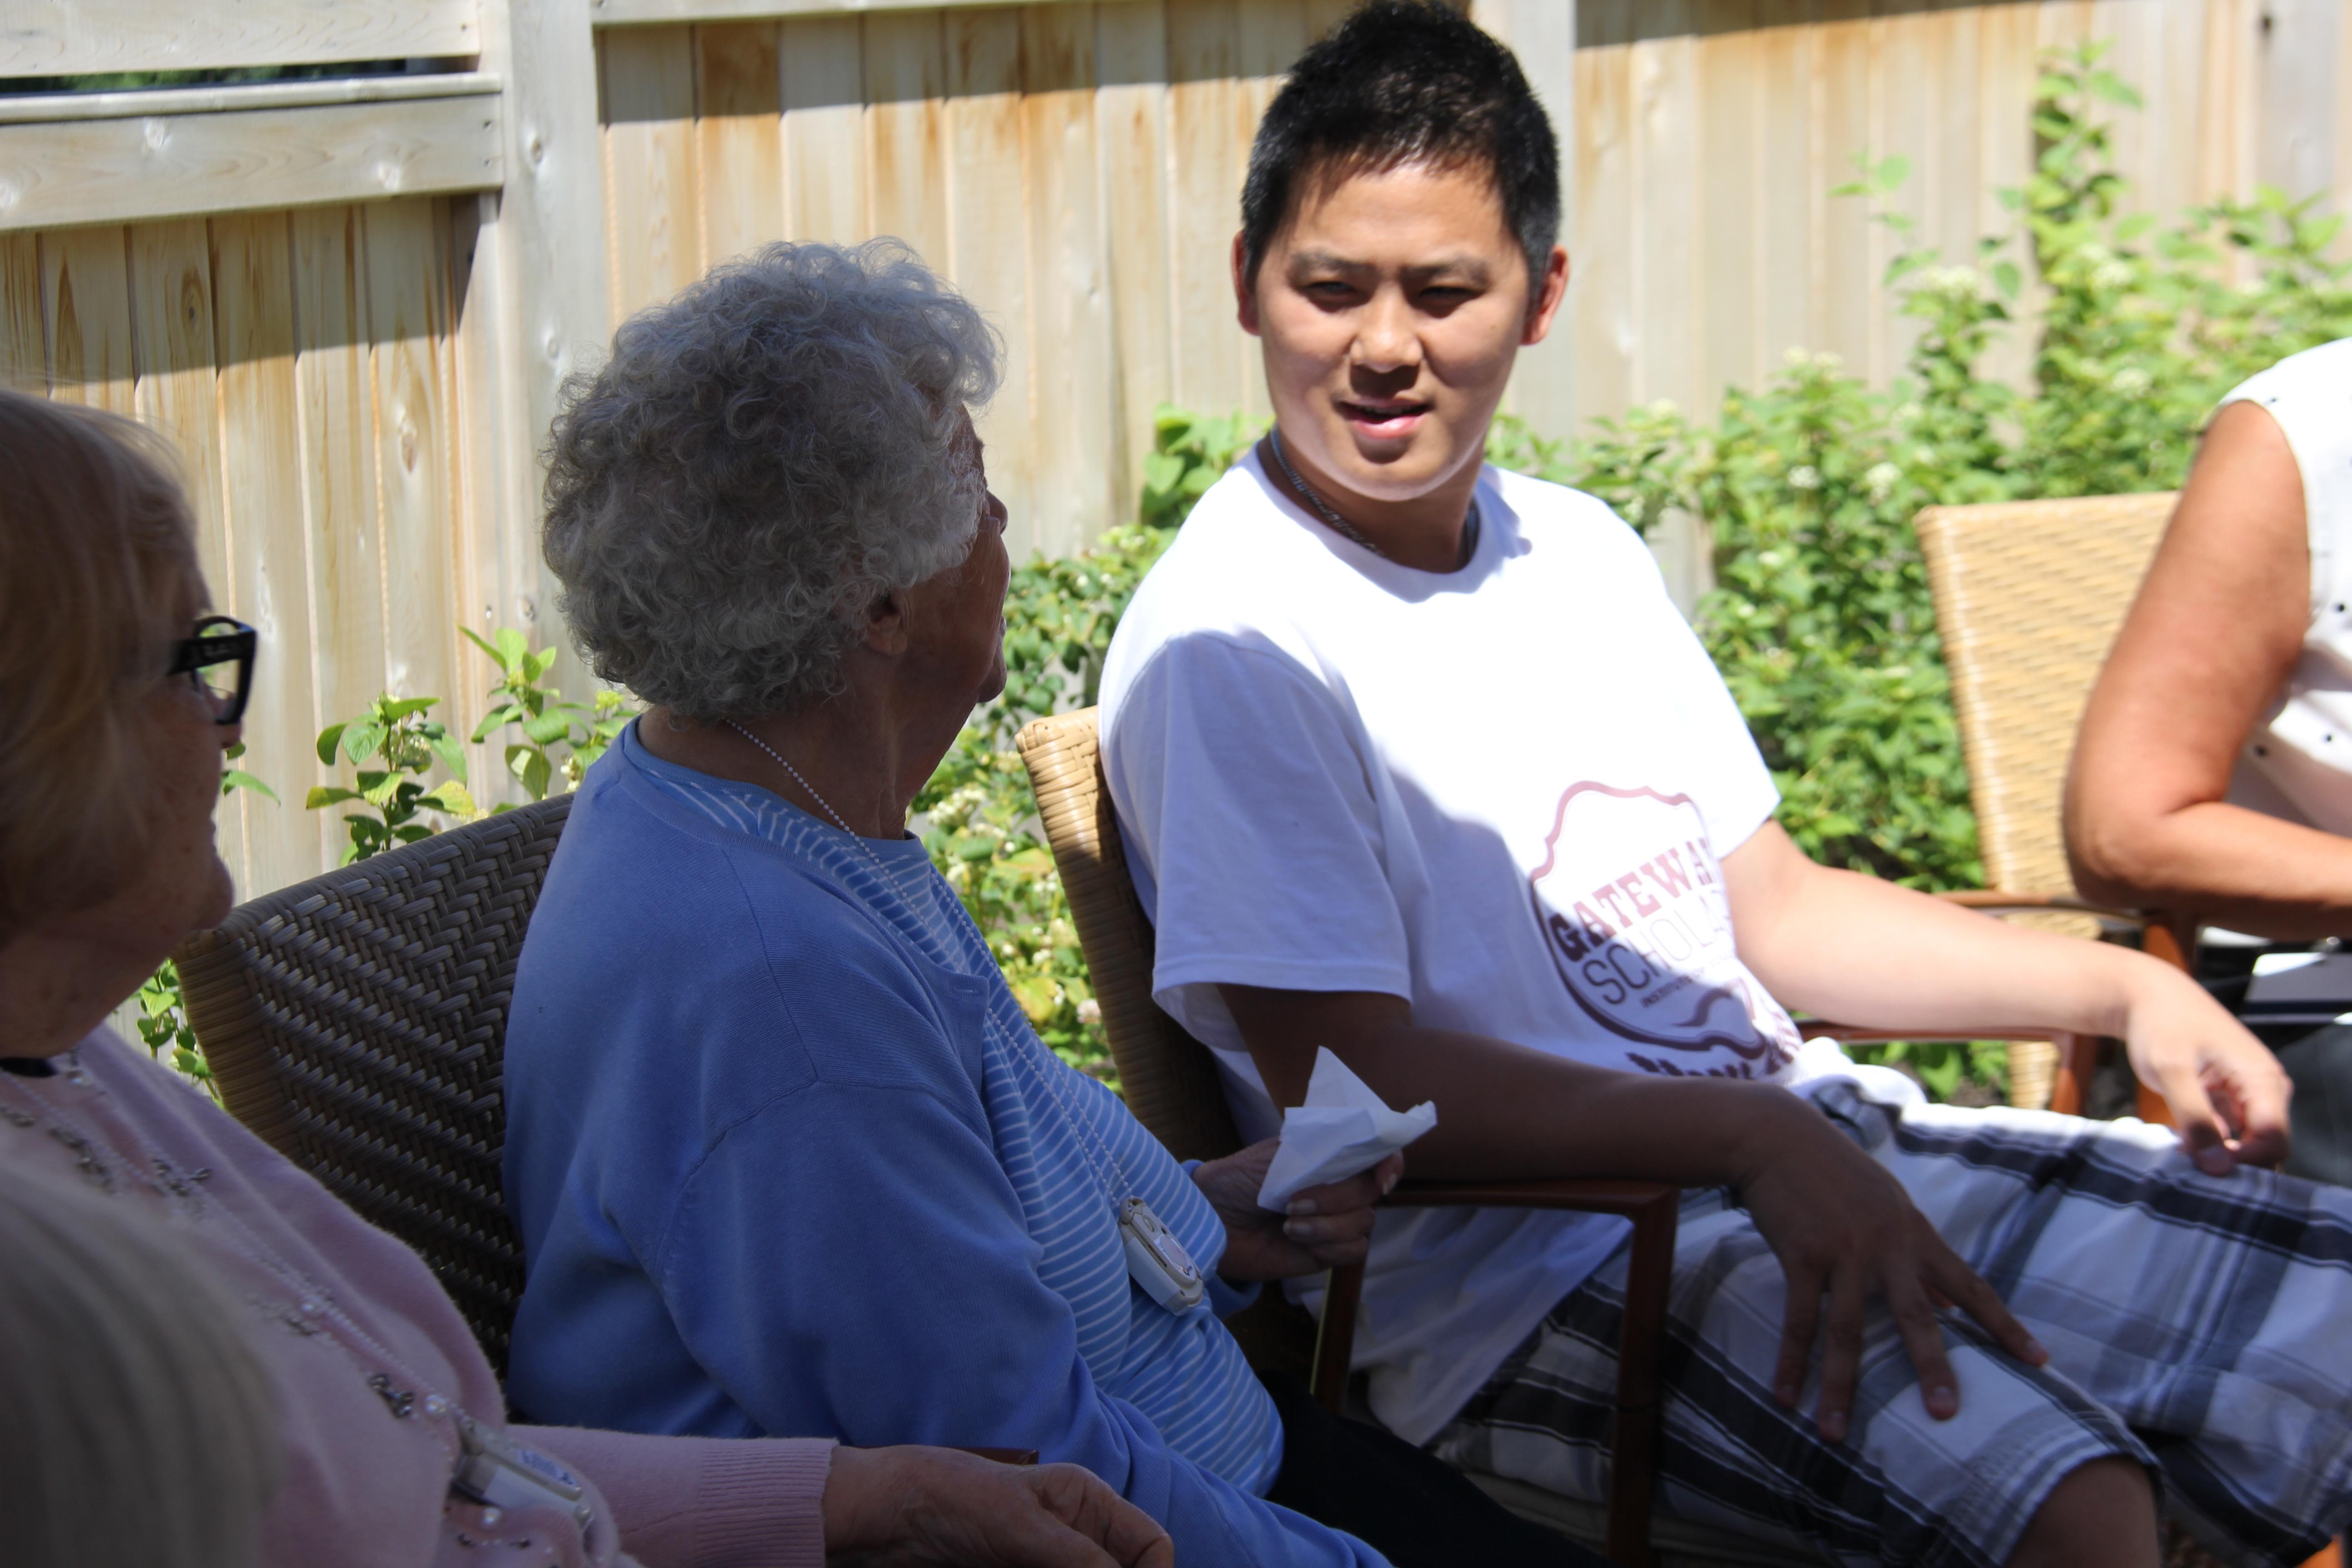 Kenny 与老太太交流中国文化